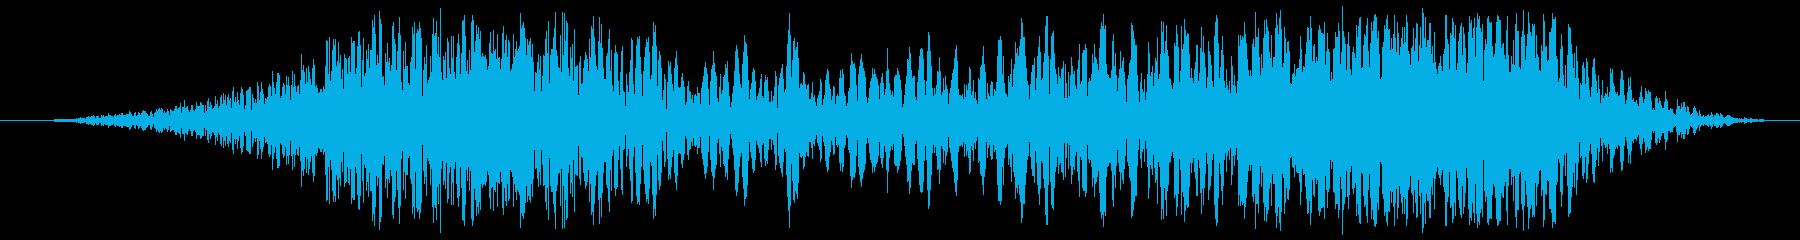 グリッチスキッドスイープの再生済みの波形